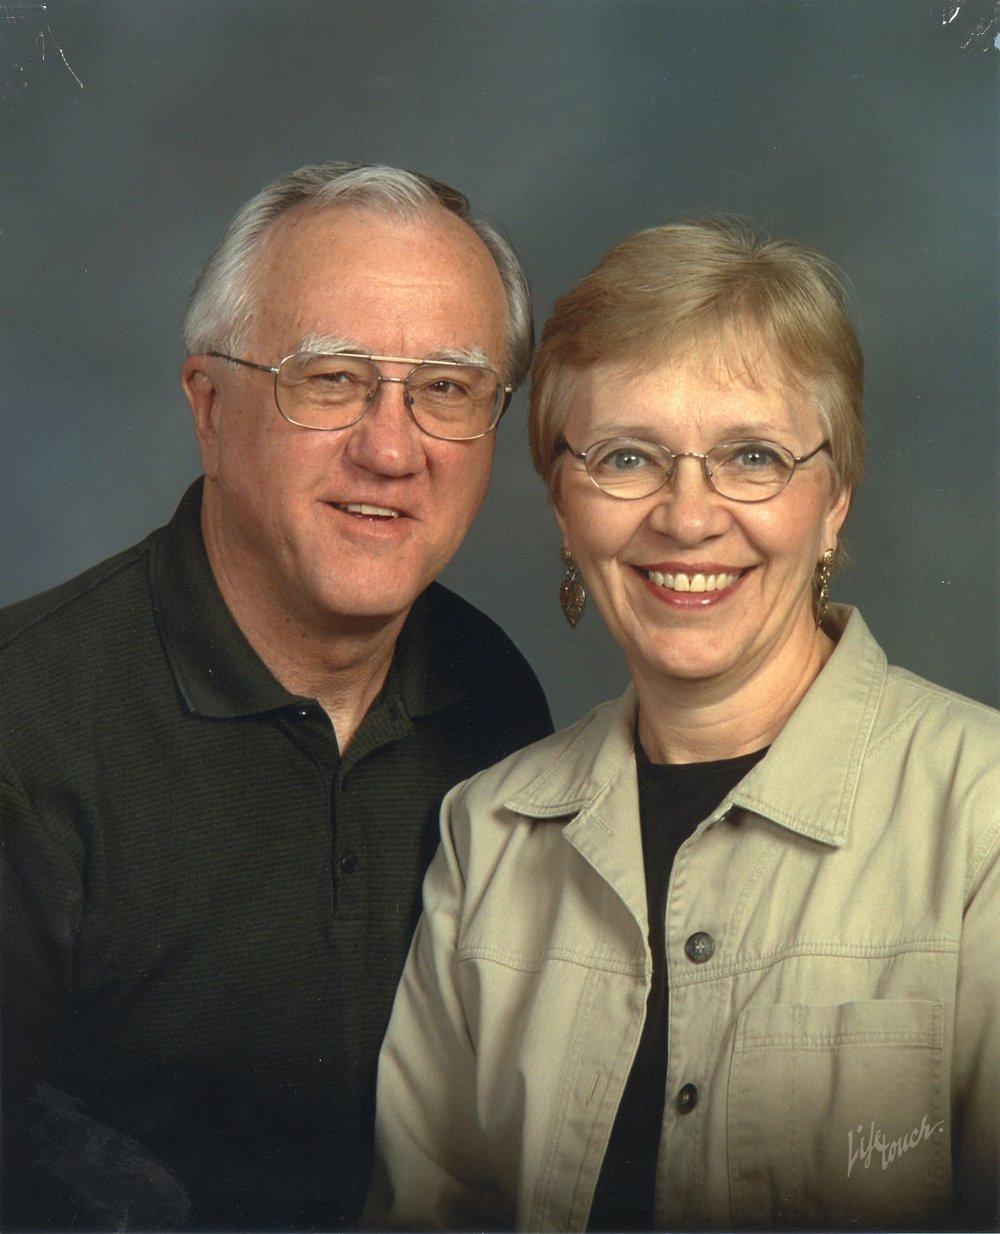 Larry & Vicki - 2011